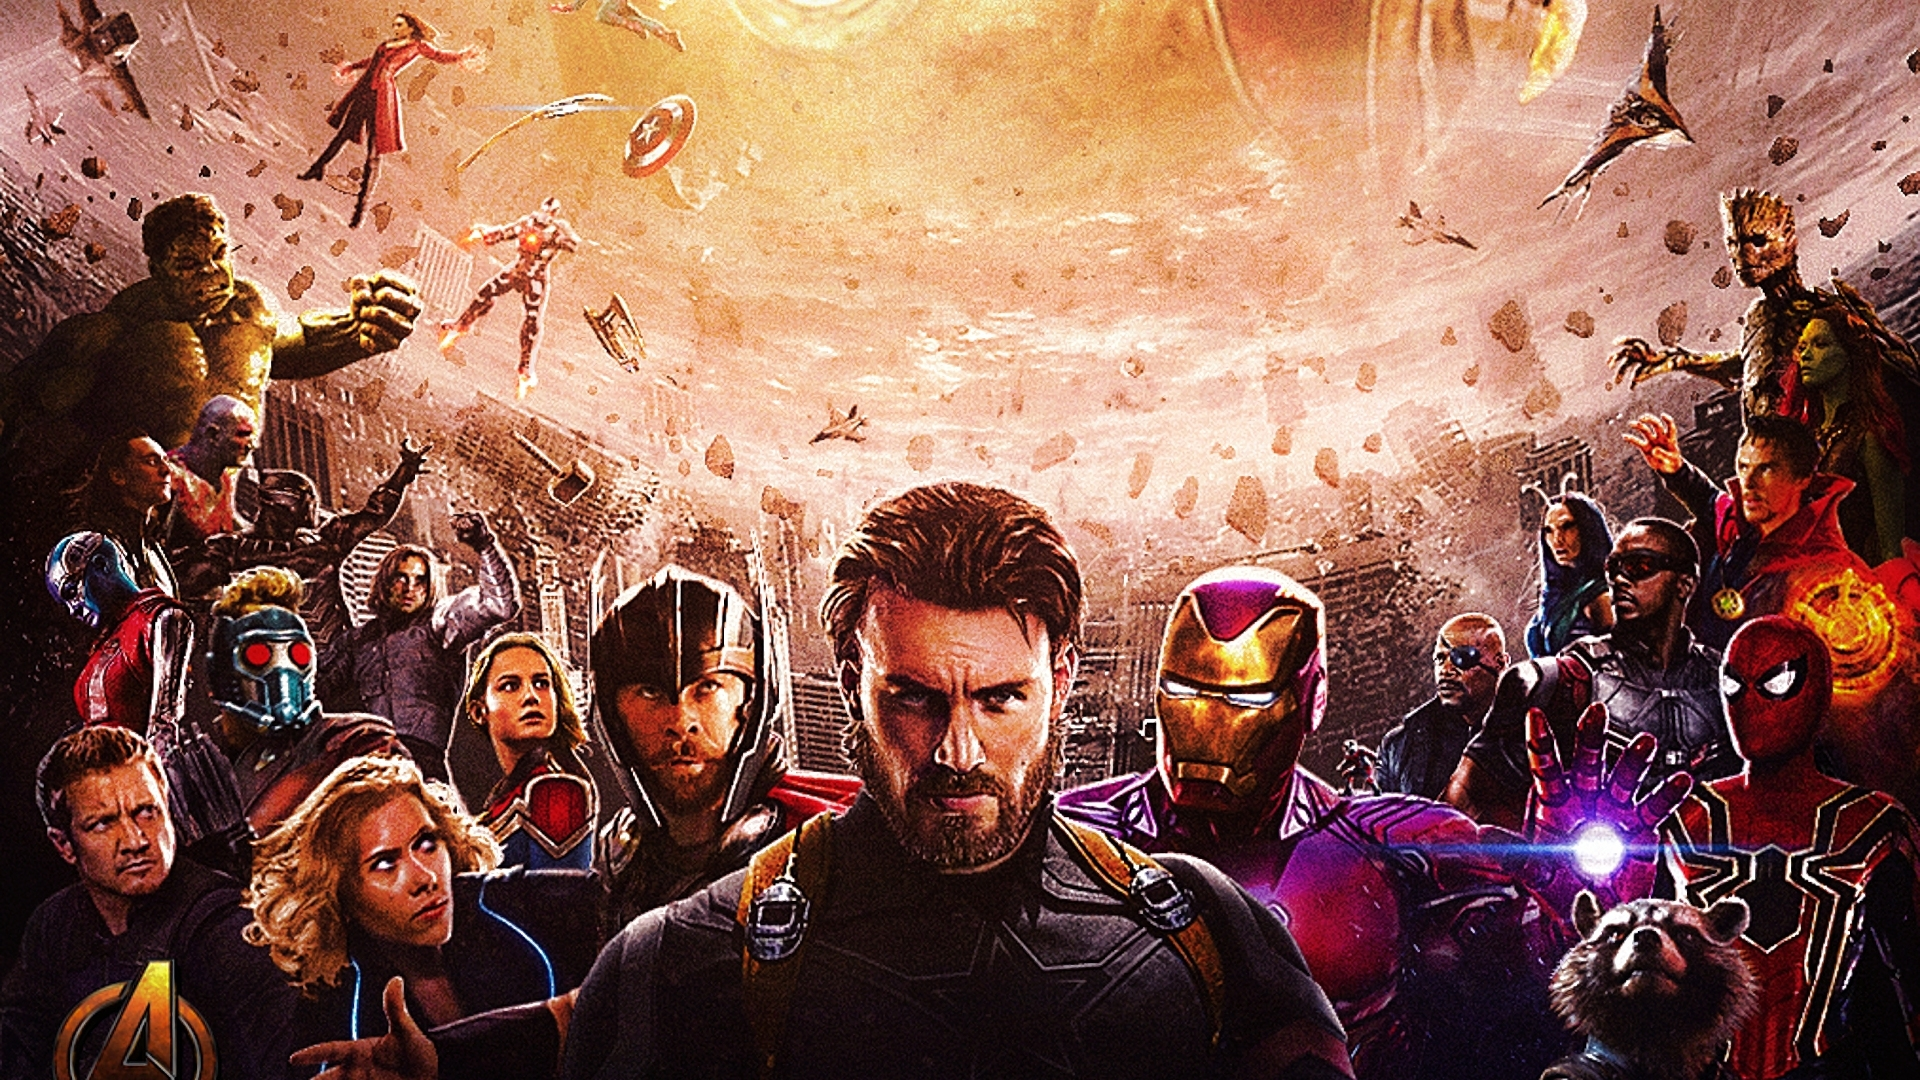 4k Avengers infinity war 2018 Wallpaper Download - High ...